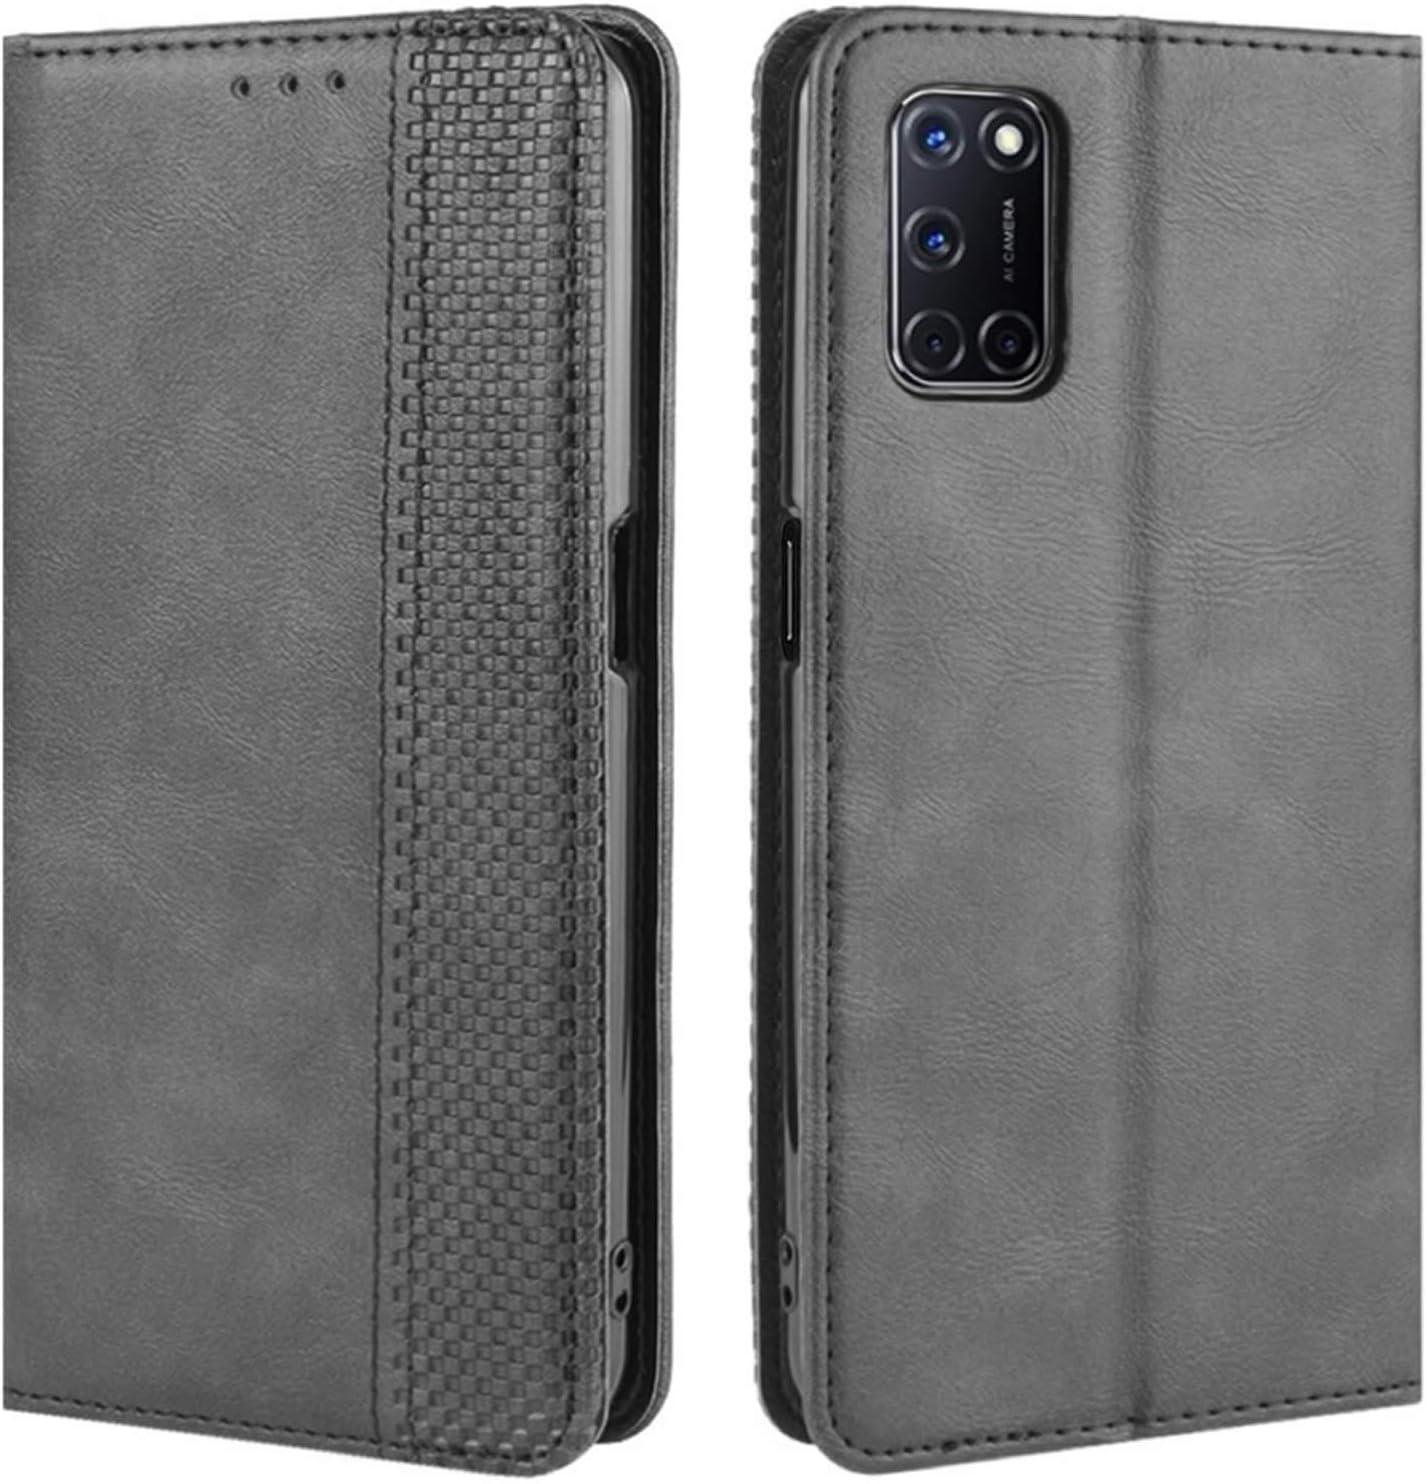 Hualubro Handyhülle Für Oppo A72 Case Oppo A52 Case Elektronik